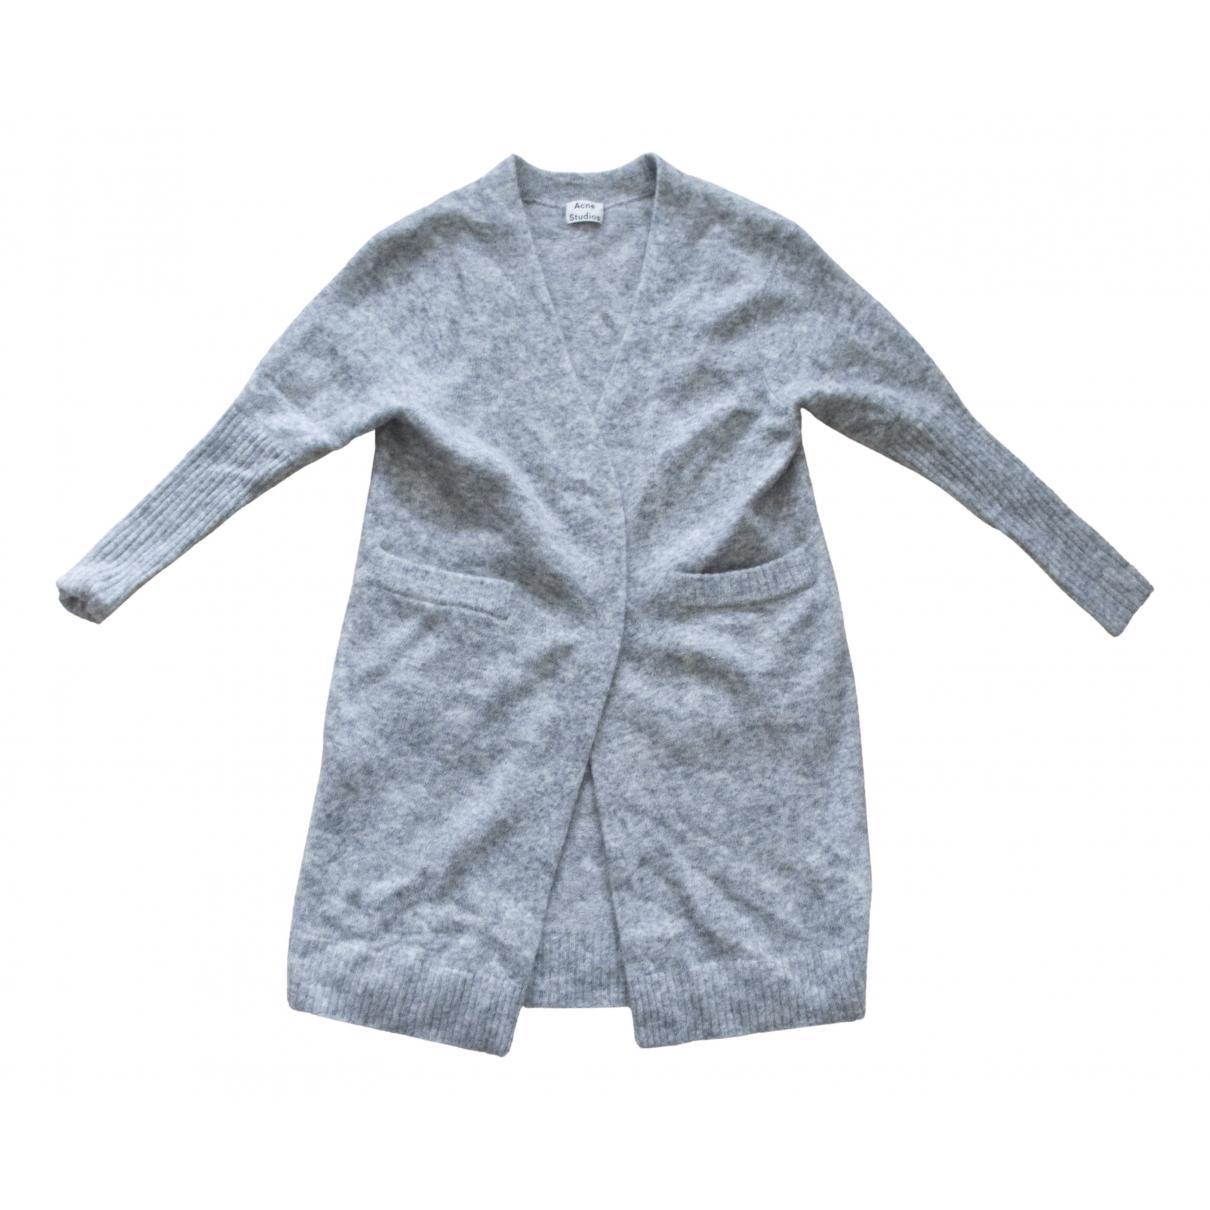 Acne Studios N Grey Wool Knitwear for Women S International